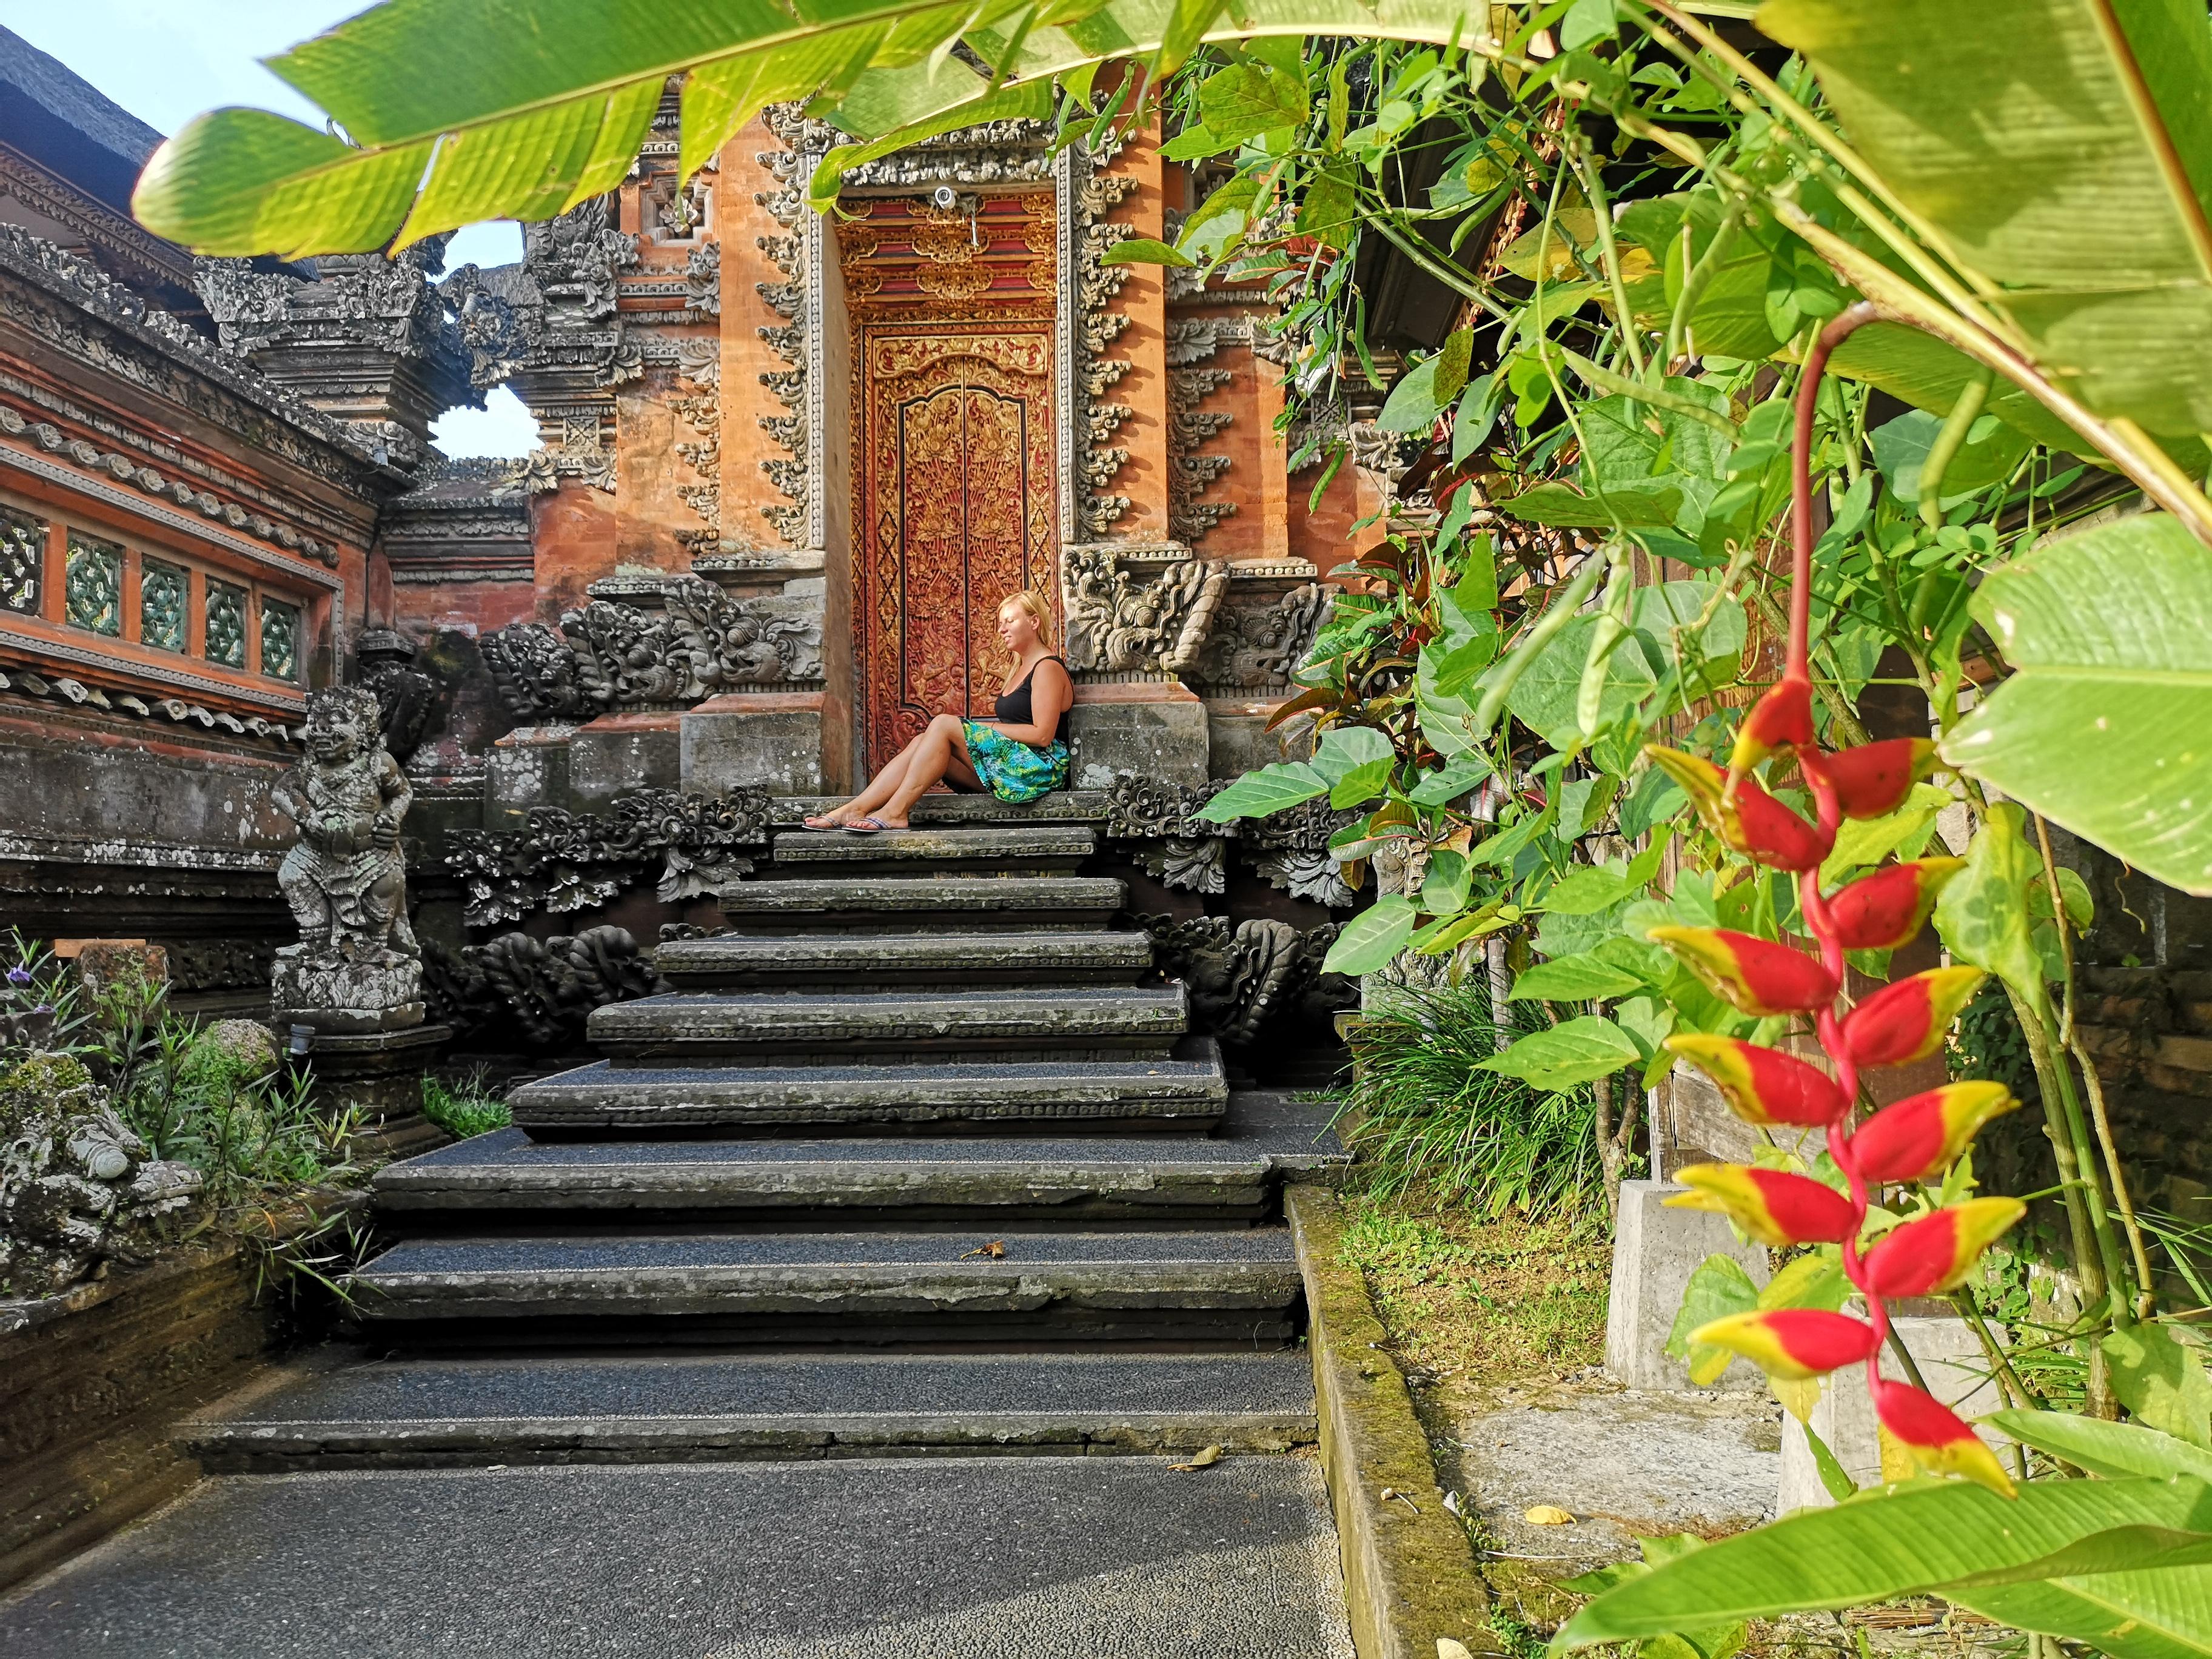 Indonezja, Bali. Poradnik, jak się przygotować do wyjazdu